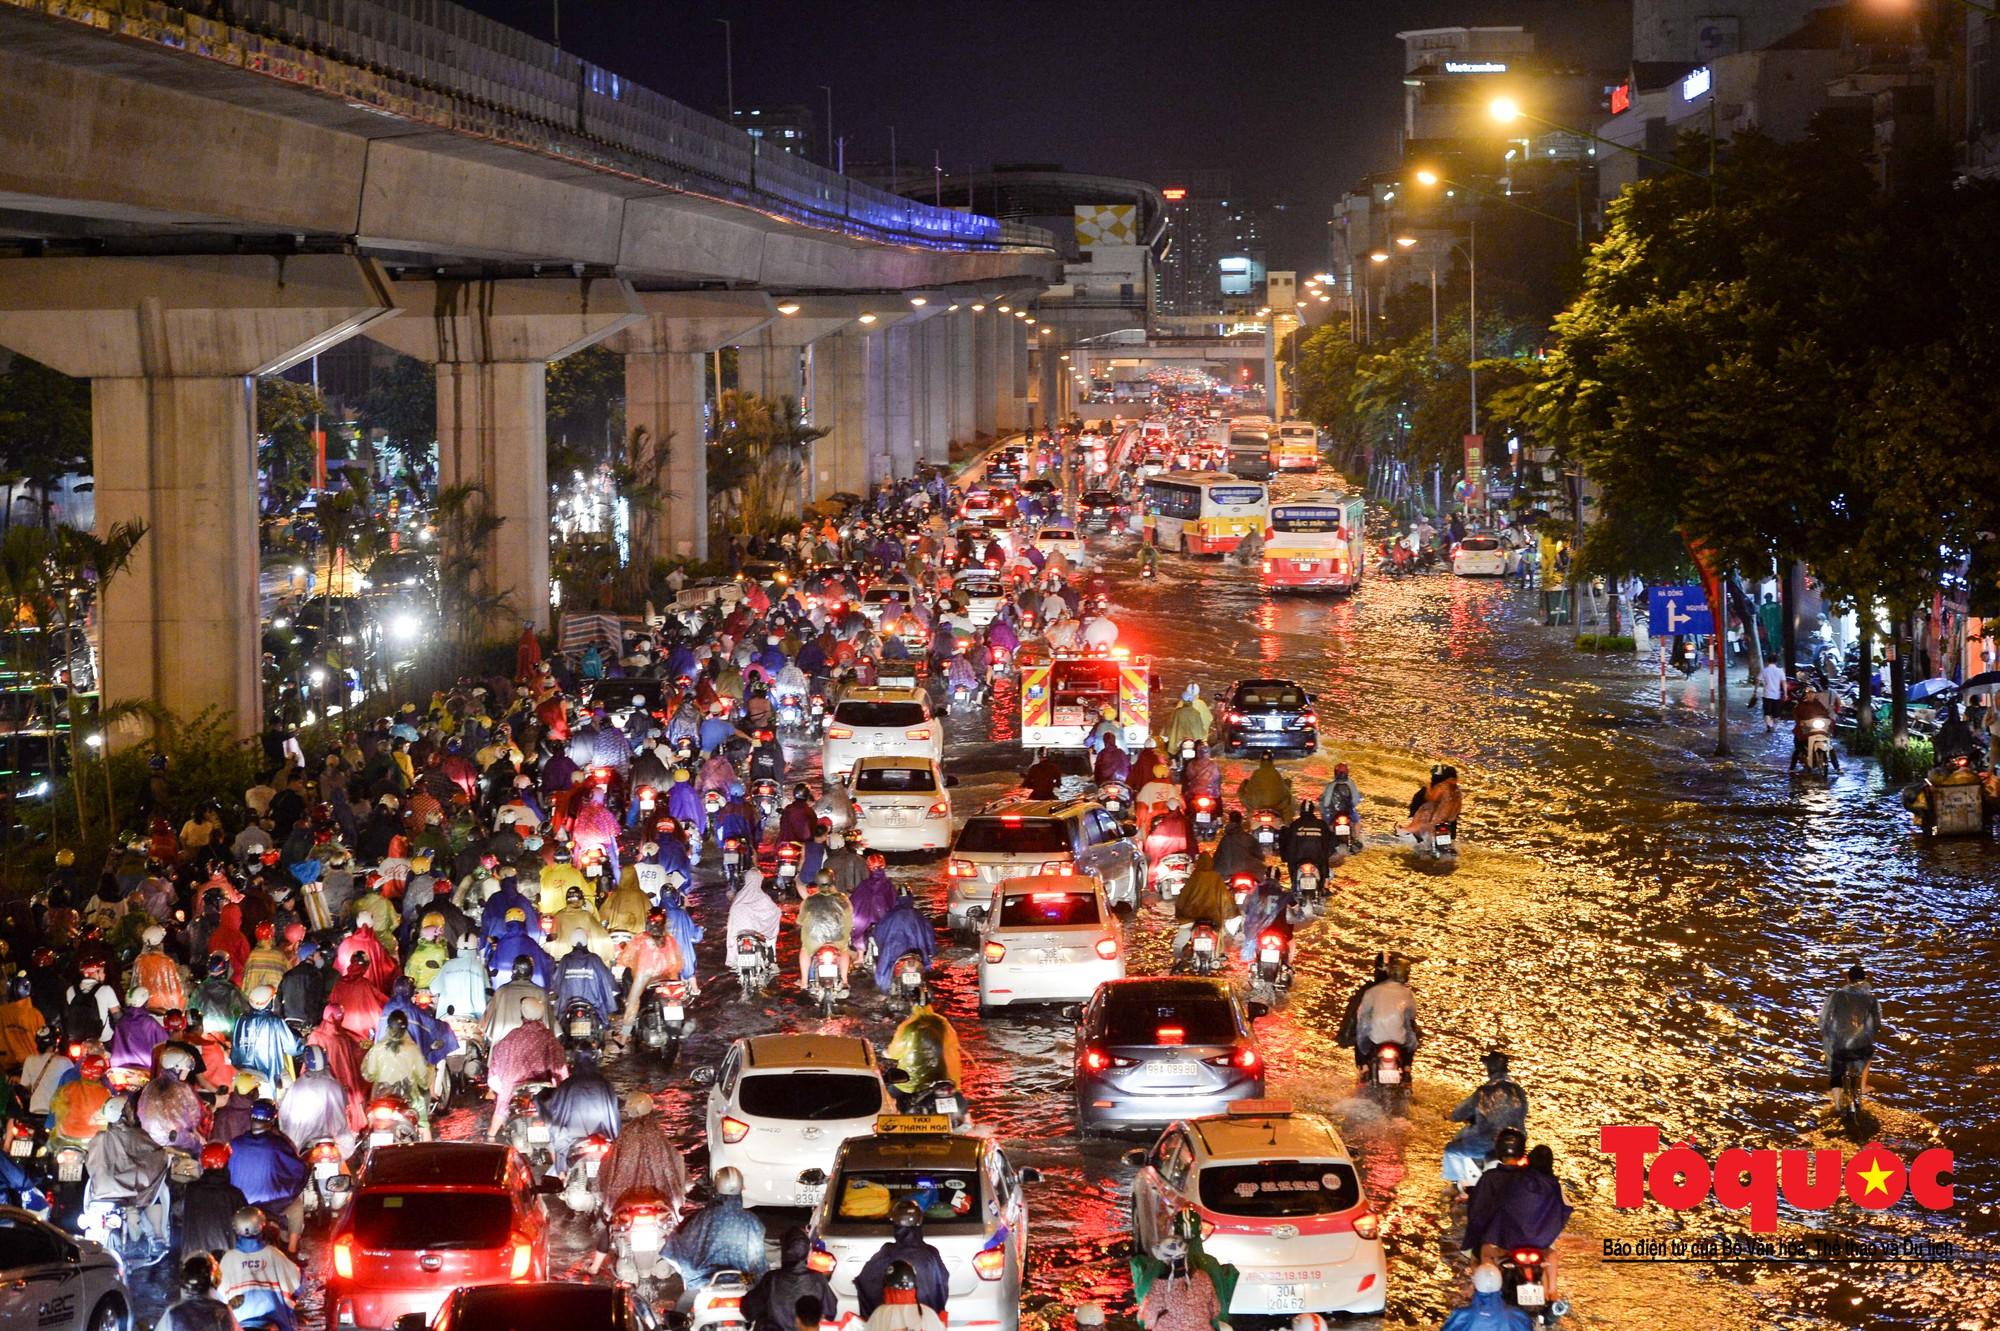 Quy hoạch đô thị nay giãn, mai nở đang bóp nghẹt người dân Hà Nội - Ảnh 6.